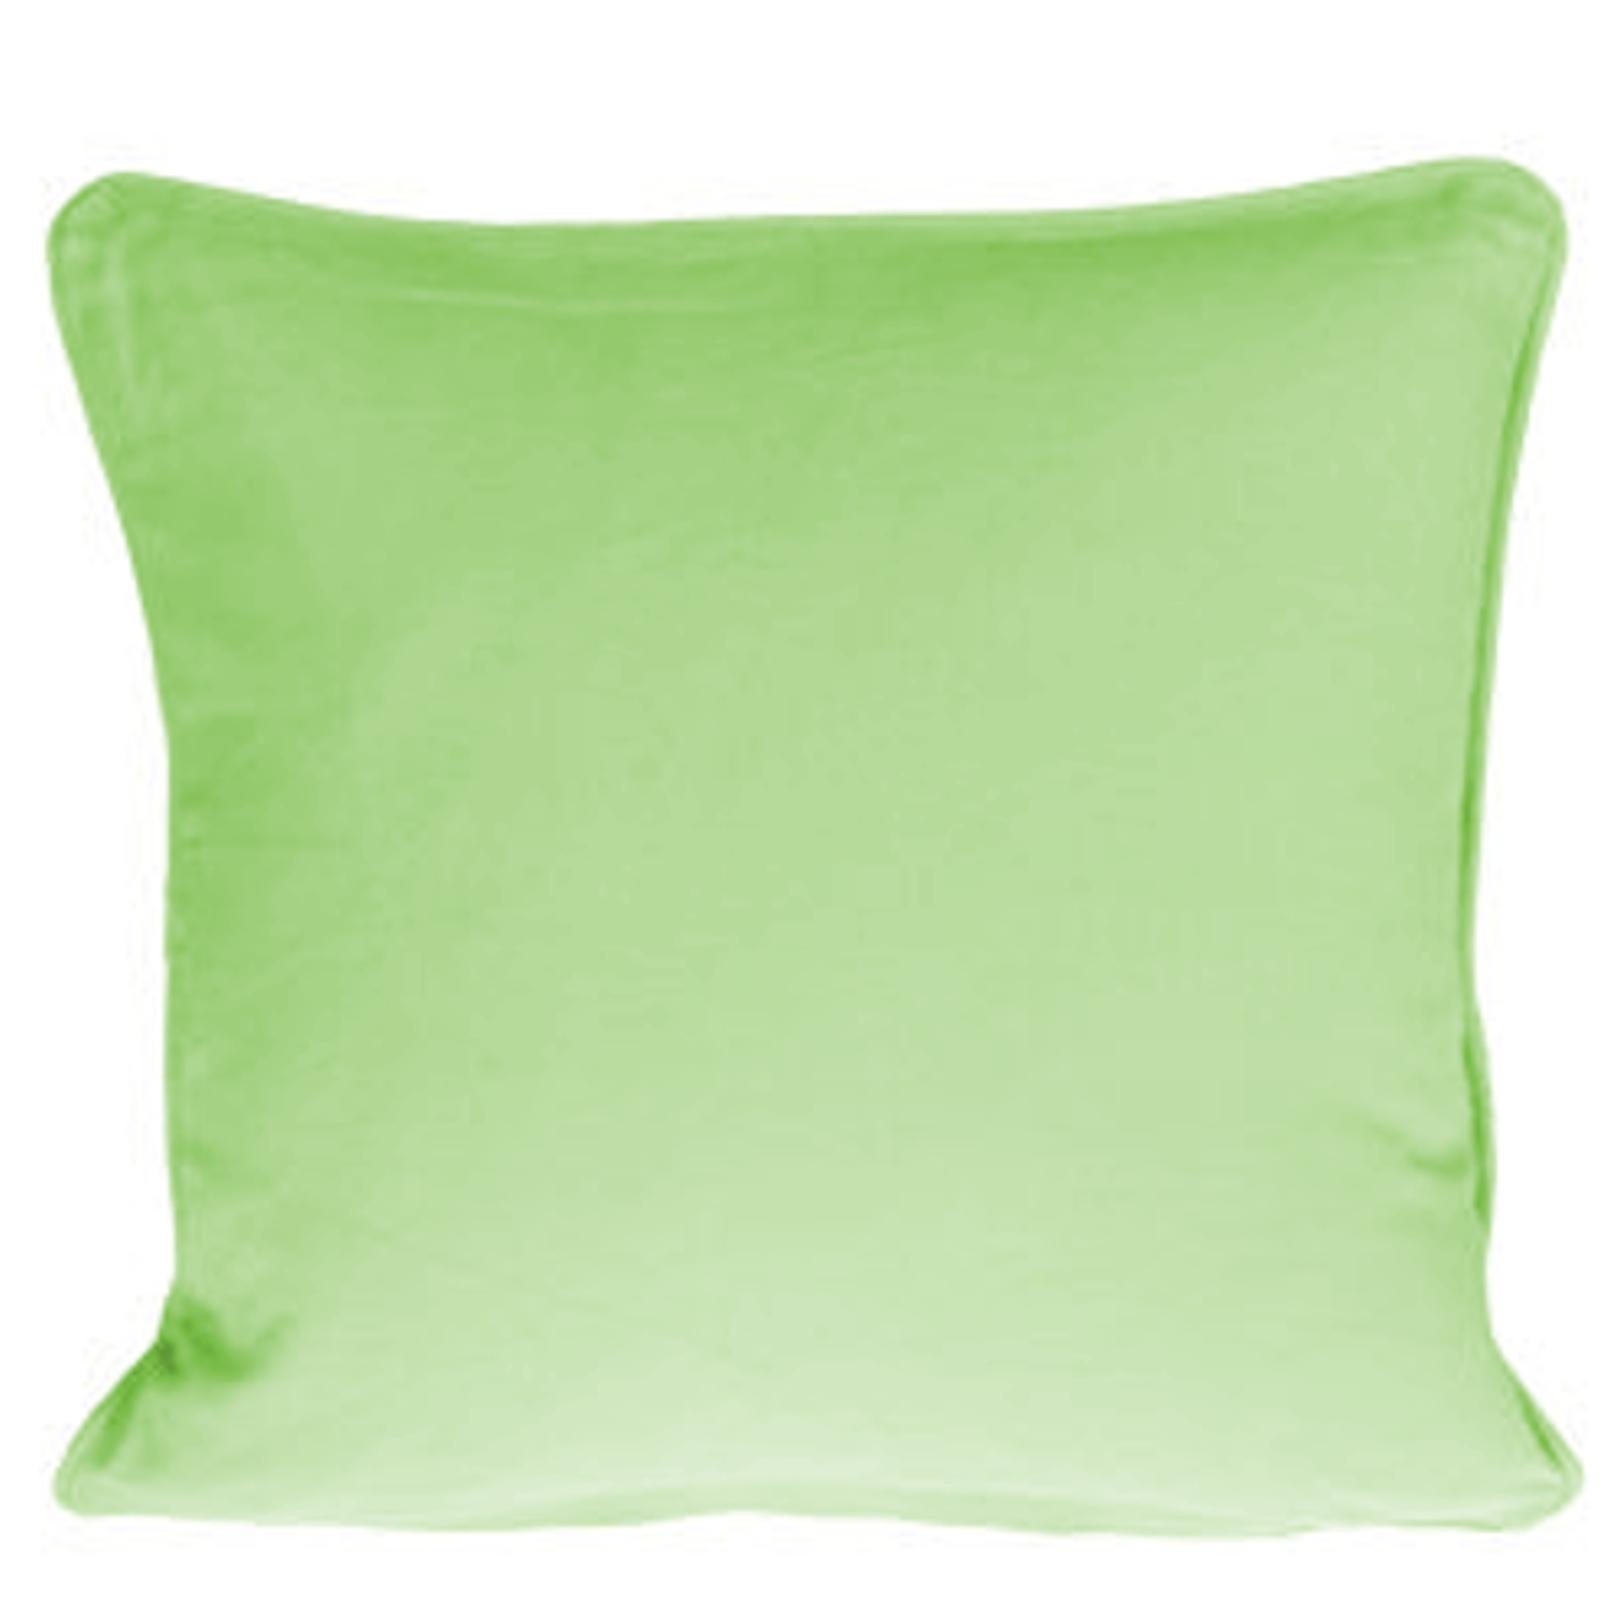 kissenh lle kissen h lle kissenbezug 40x40 neu t rkis rosa wei nougat gr n pink ebay. Black Bedroom Furniture Sets. Home Design Ideas